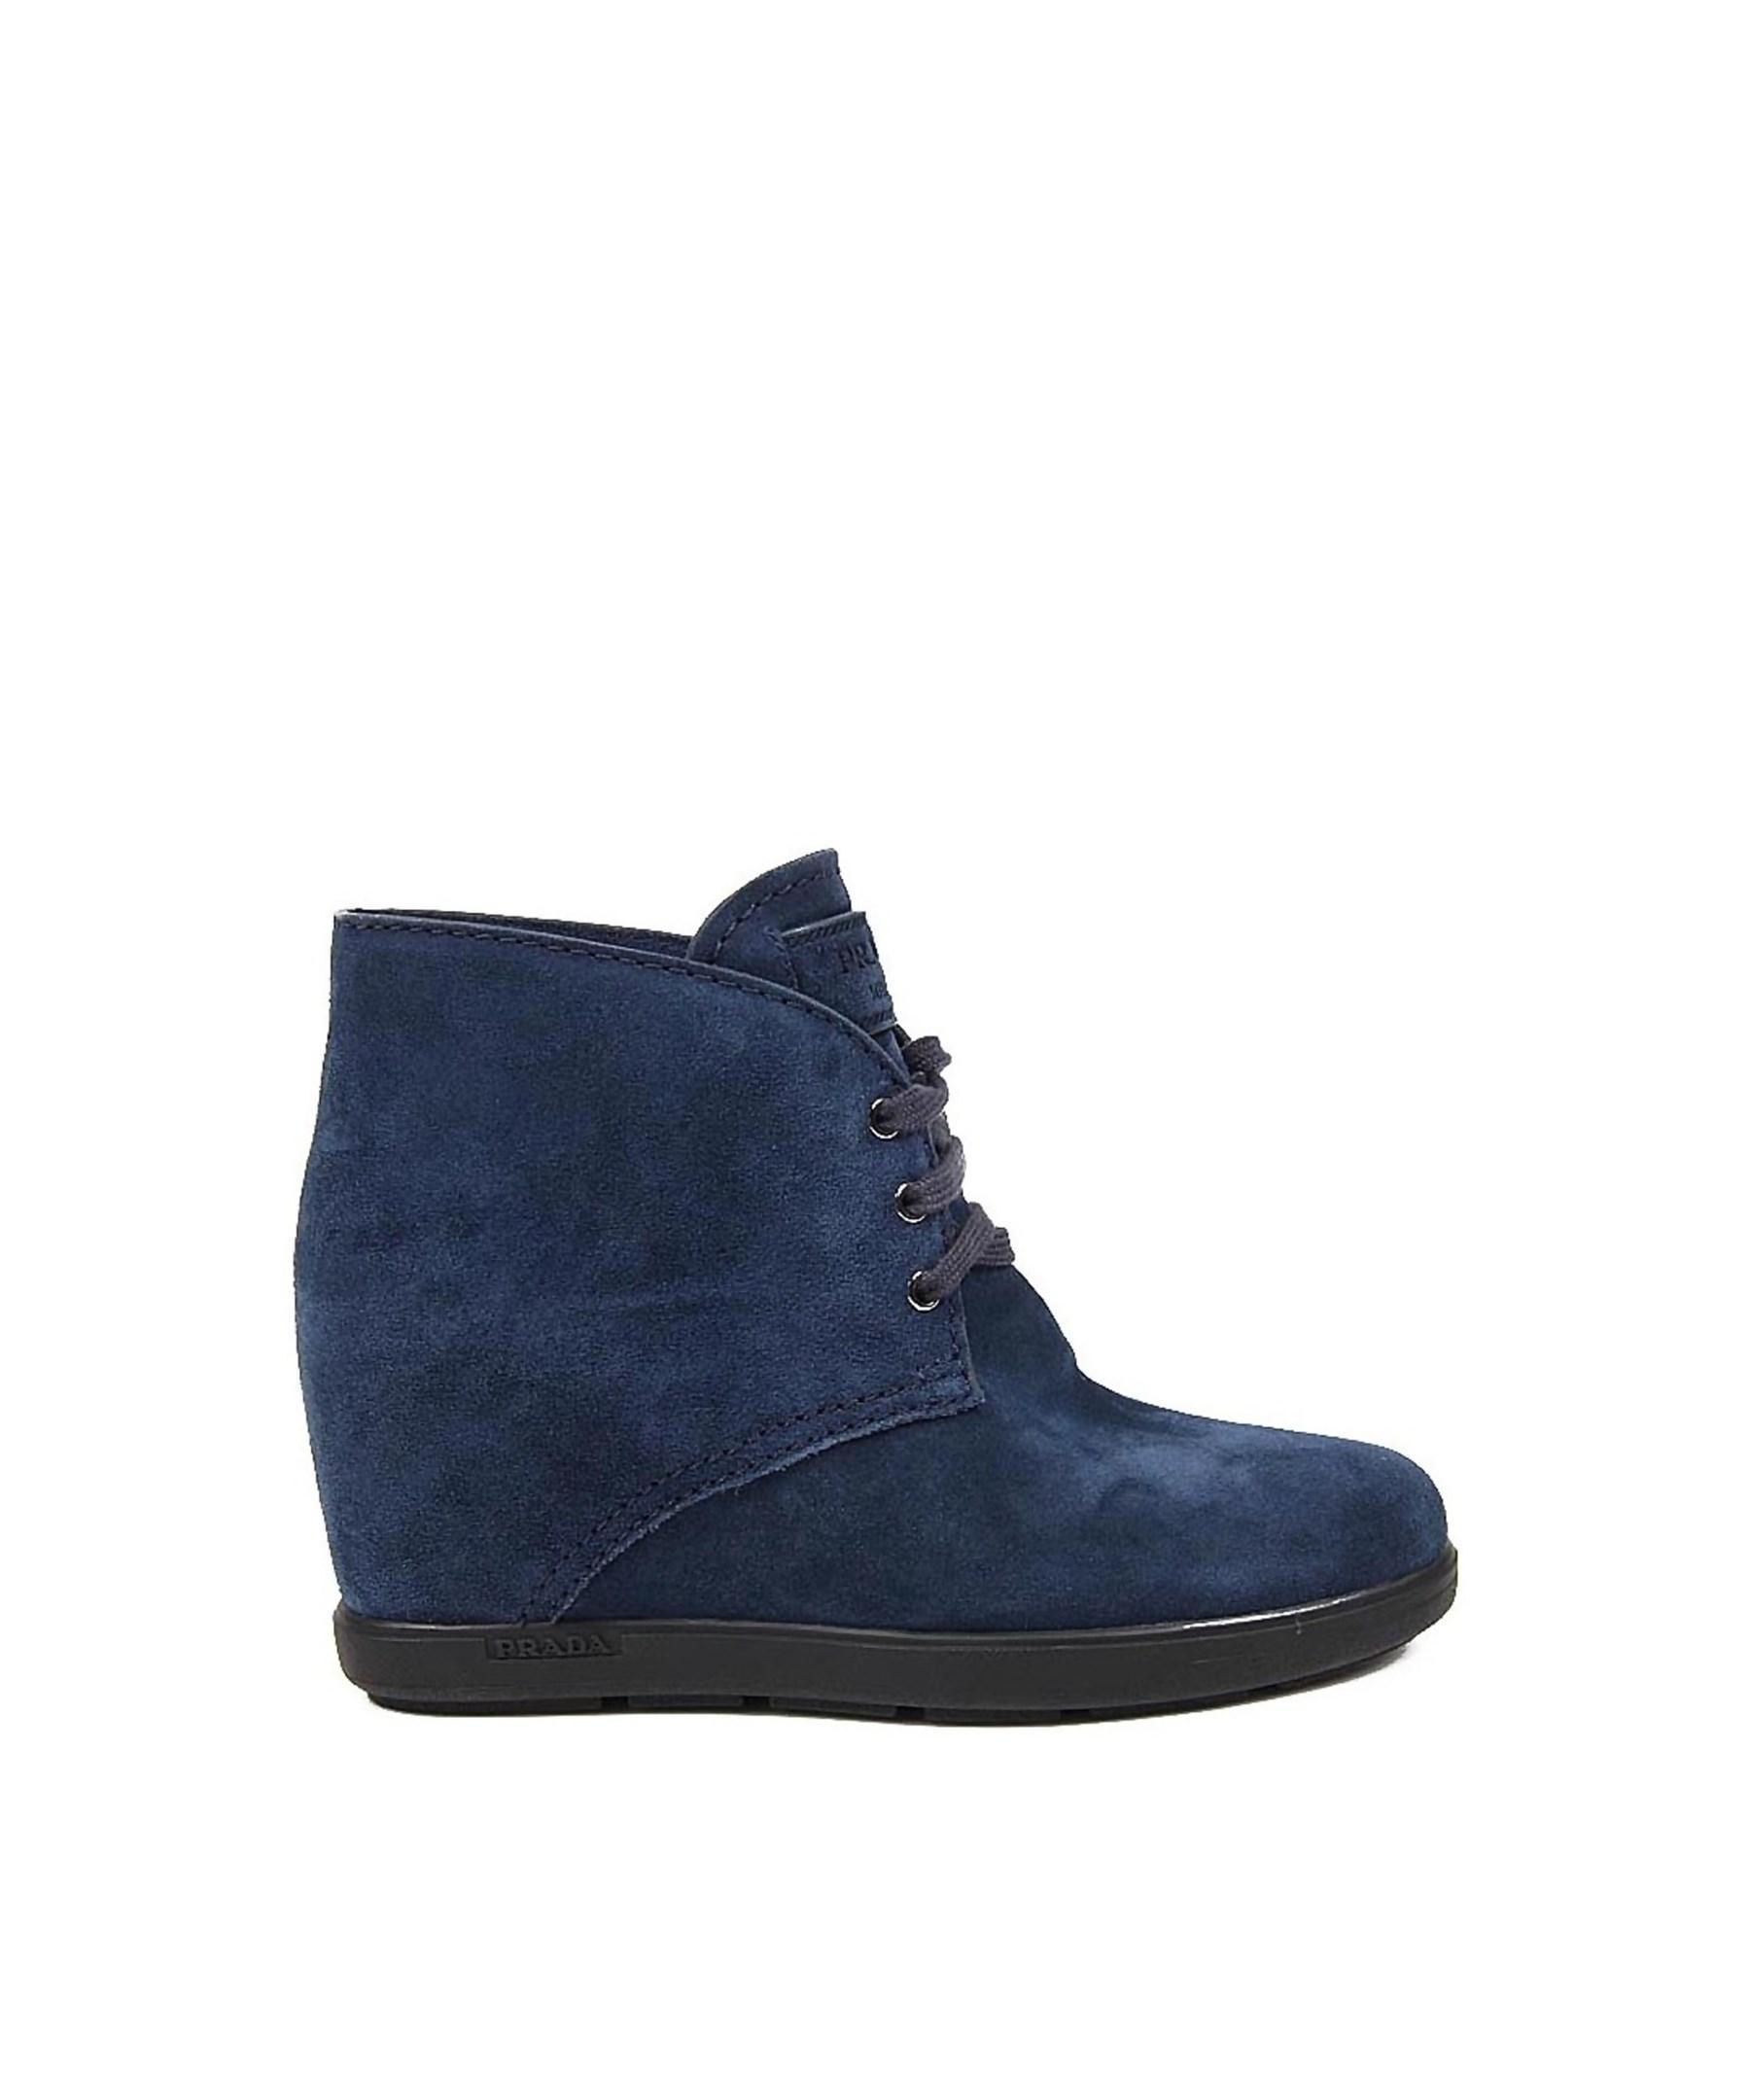 Linea Ladies Shoes